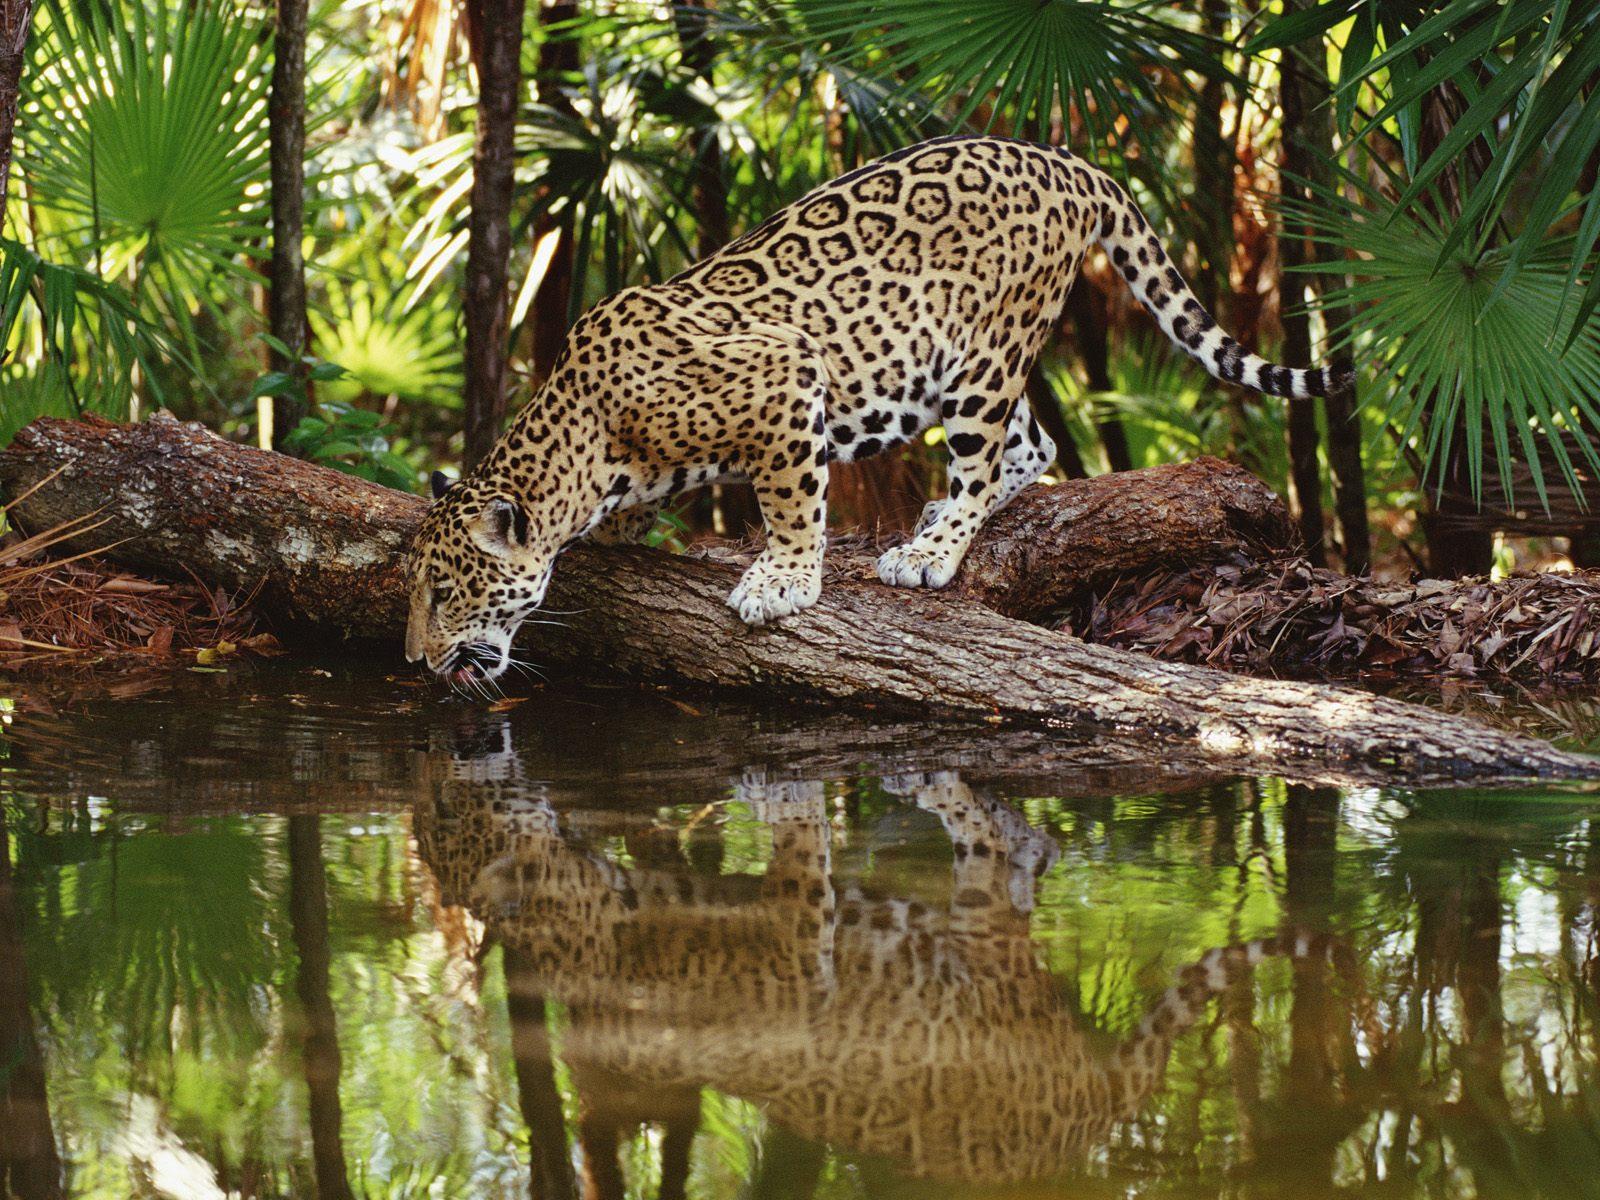 http://4.bp.blogspot.com/_Y8dVgrlzuG0/S9d_27Y36EI/AAAAAAAAHqw/iGTwUtni5es/s1600/animals+2.jpg